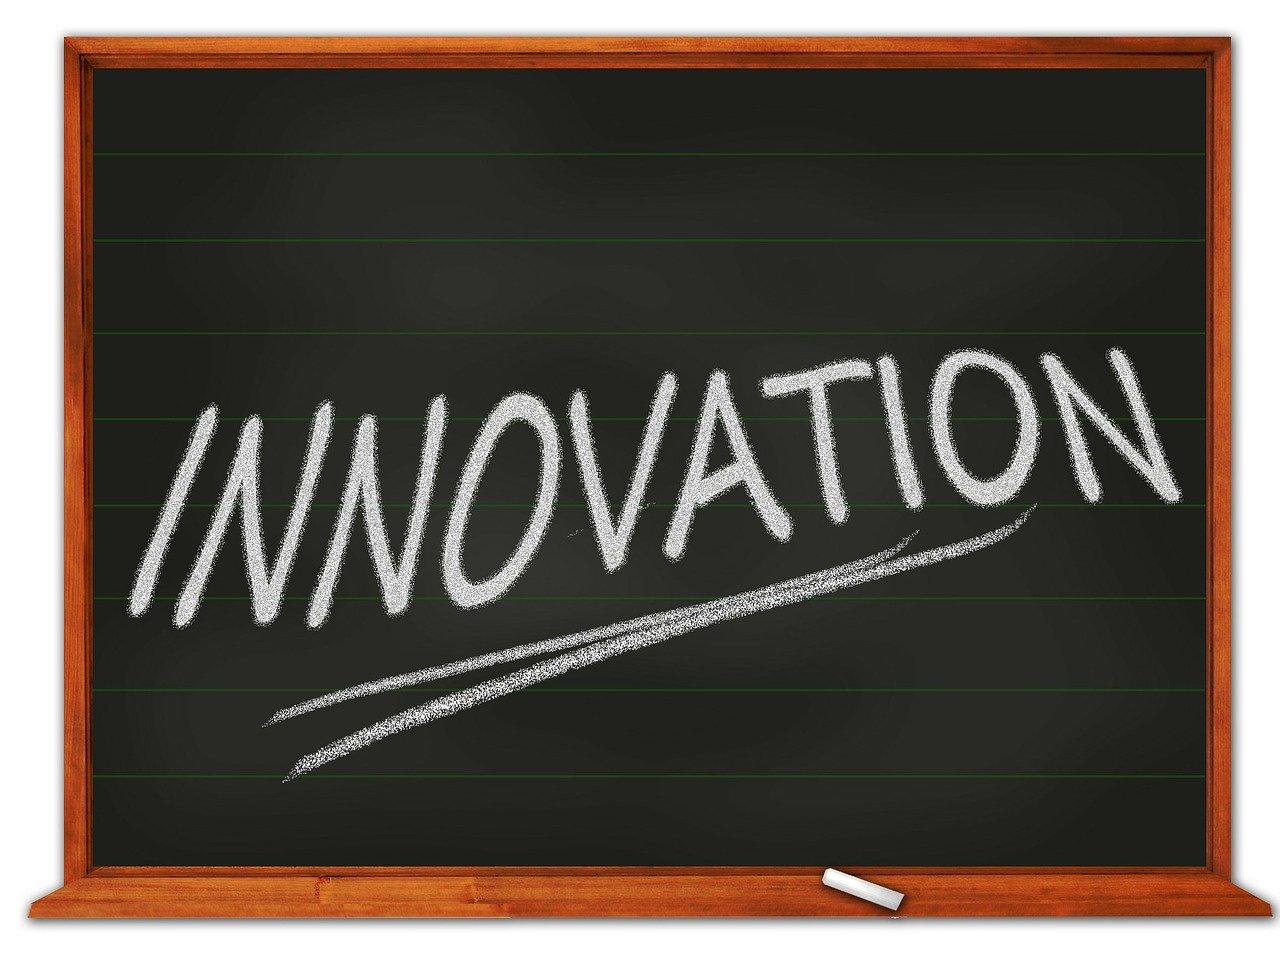 イノベーション人材を生み出す組織づくりに向けて